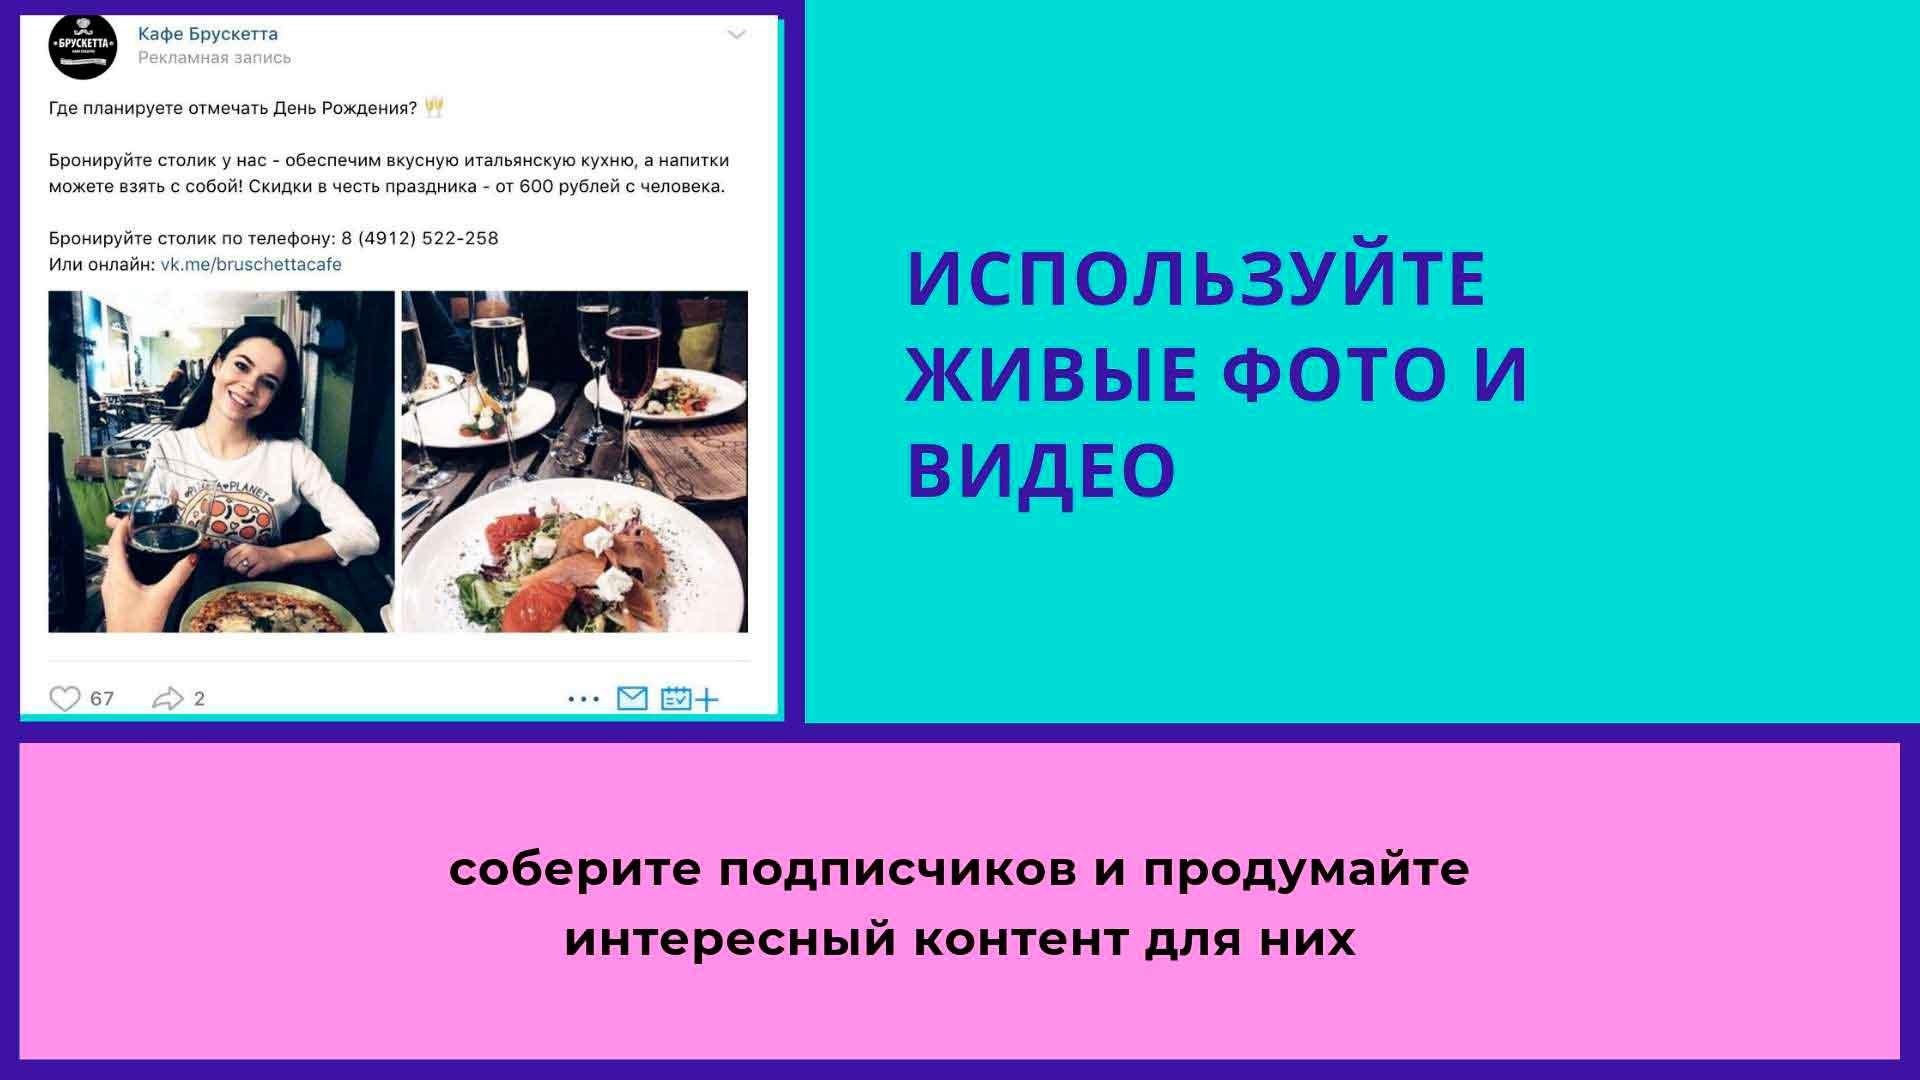 реклама для ресторана